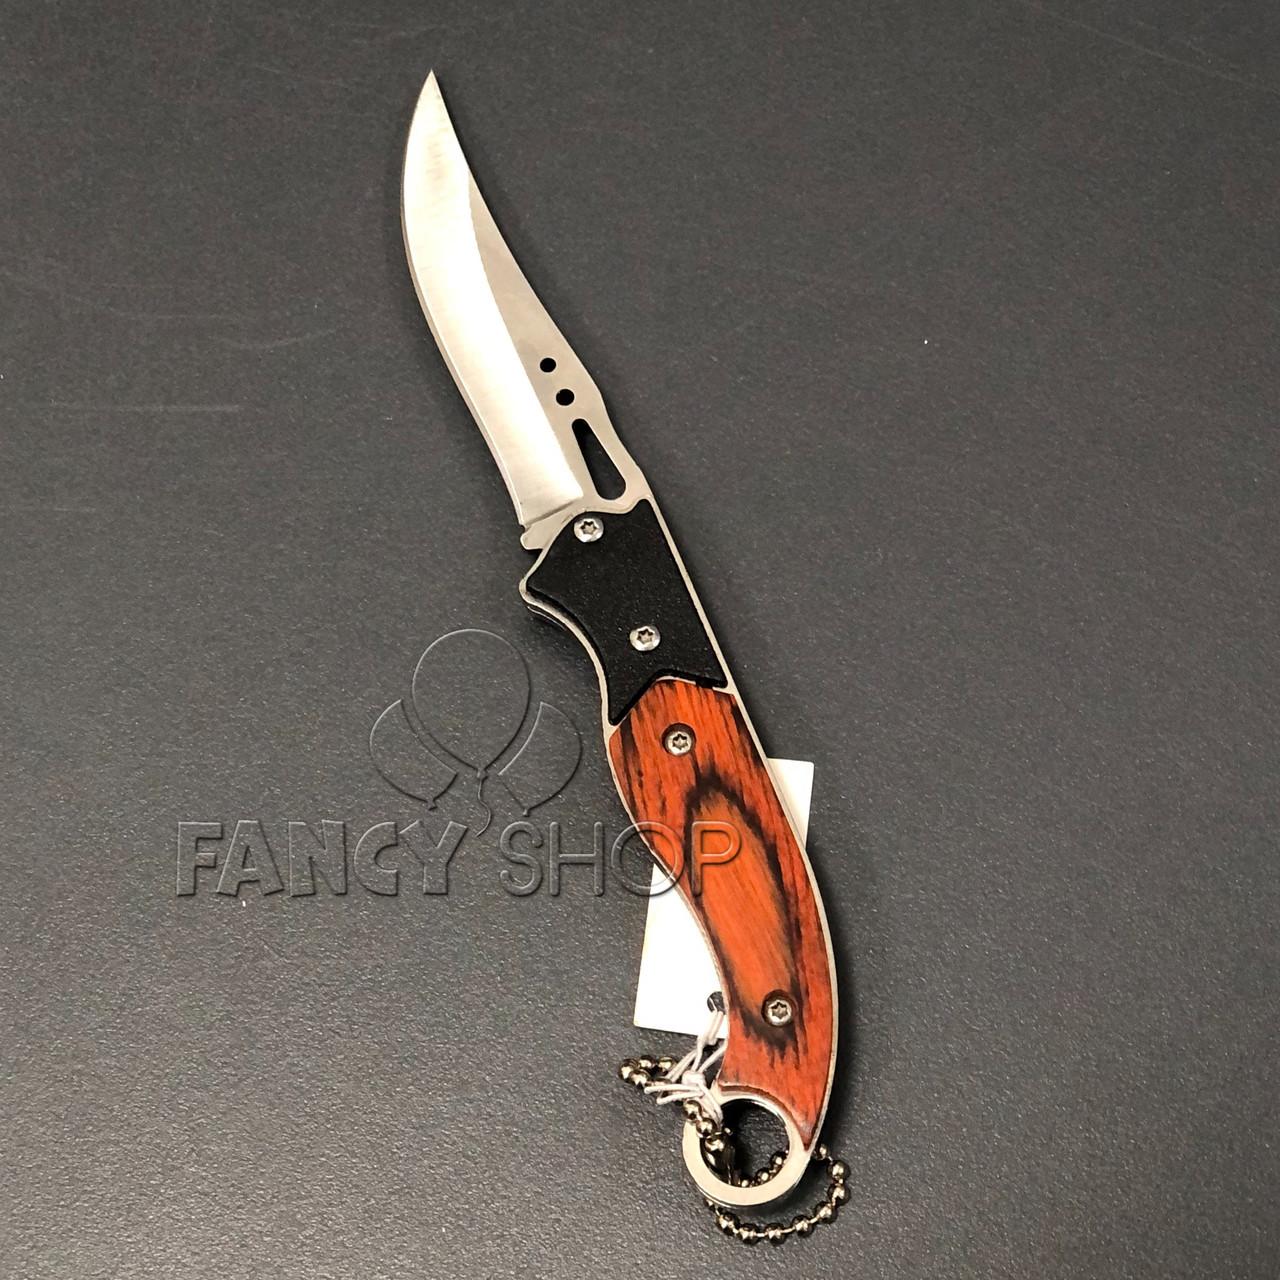 Ніж складний, 16 см, Нож складной